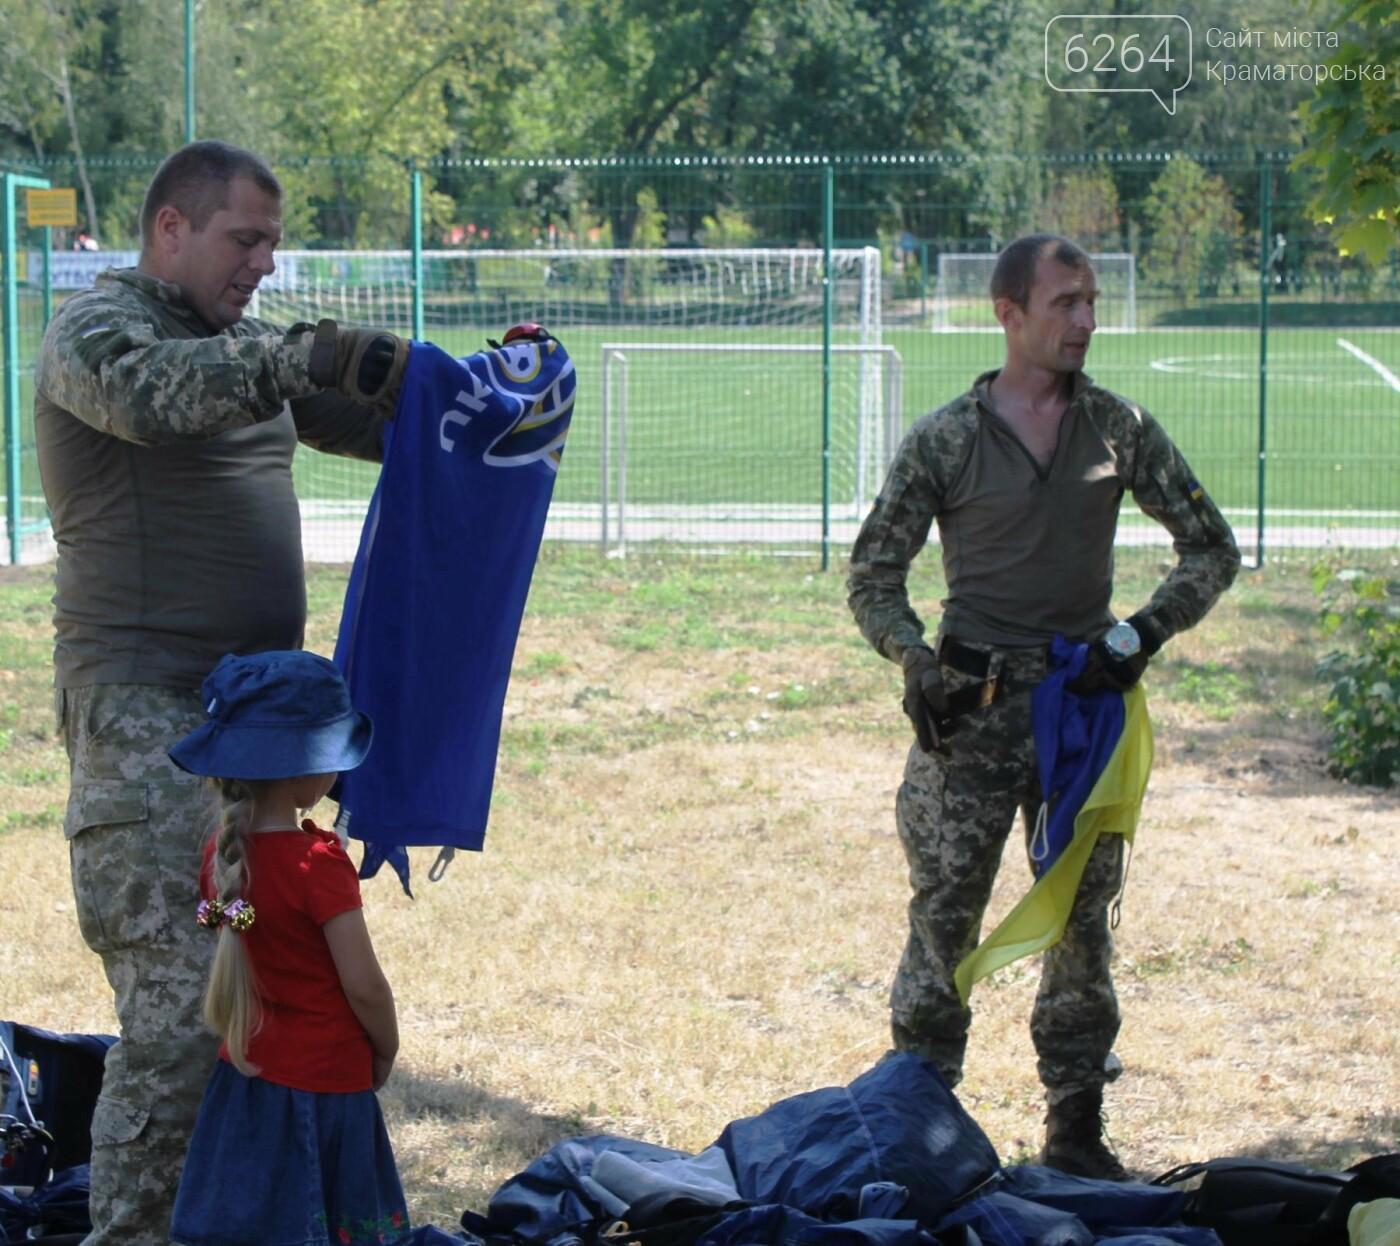 В Краматорске торжественно открыли футбольный турнир ДШВ ВСУ, посвященный погибшим десантникам, фото-4